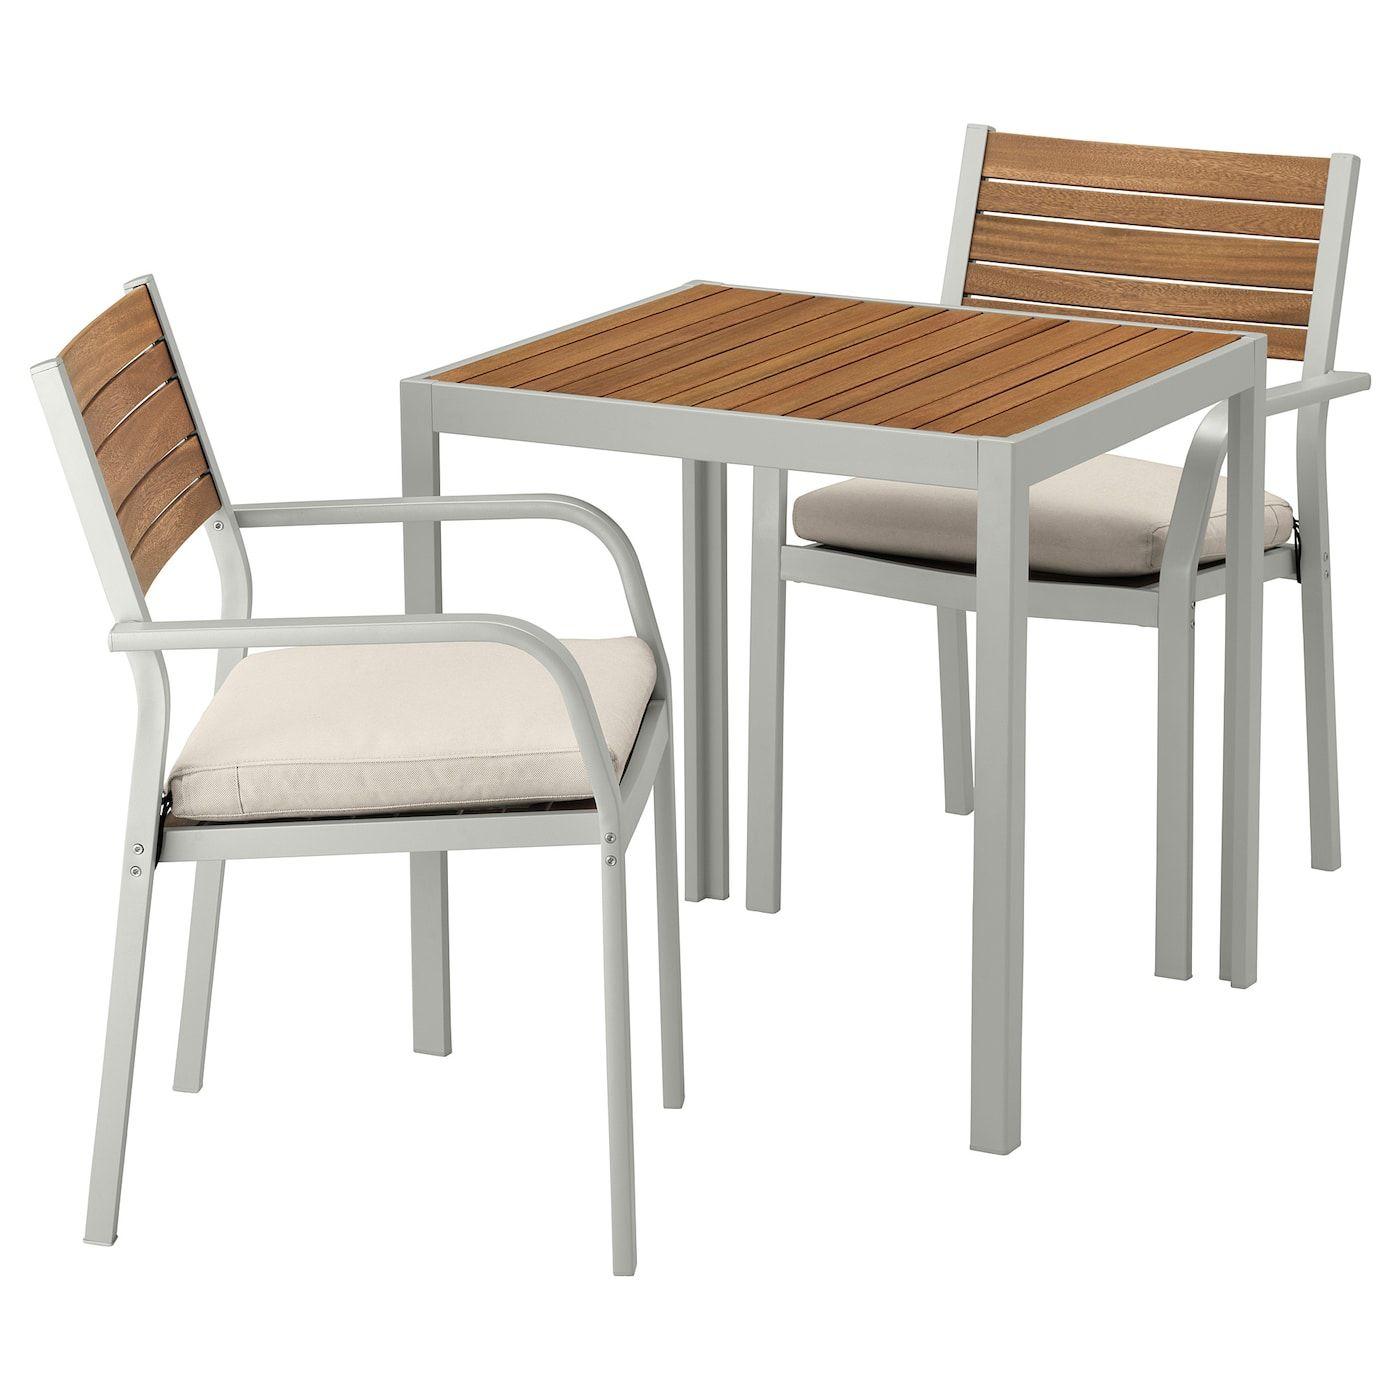 Sjalland Tisch Und 2 Armlehnstuhle Aussen Hellbraun Froson